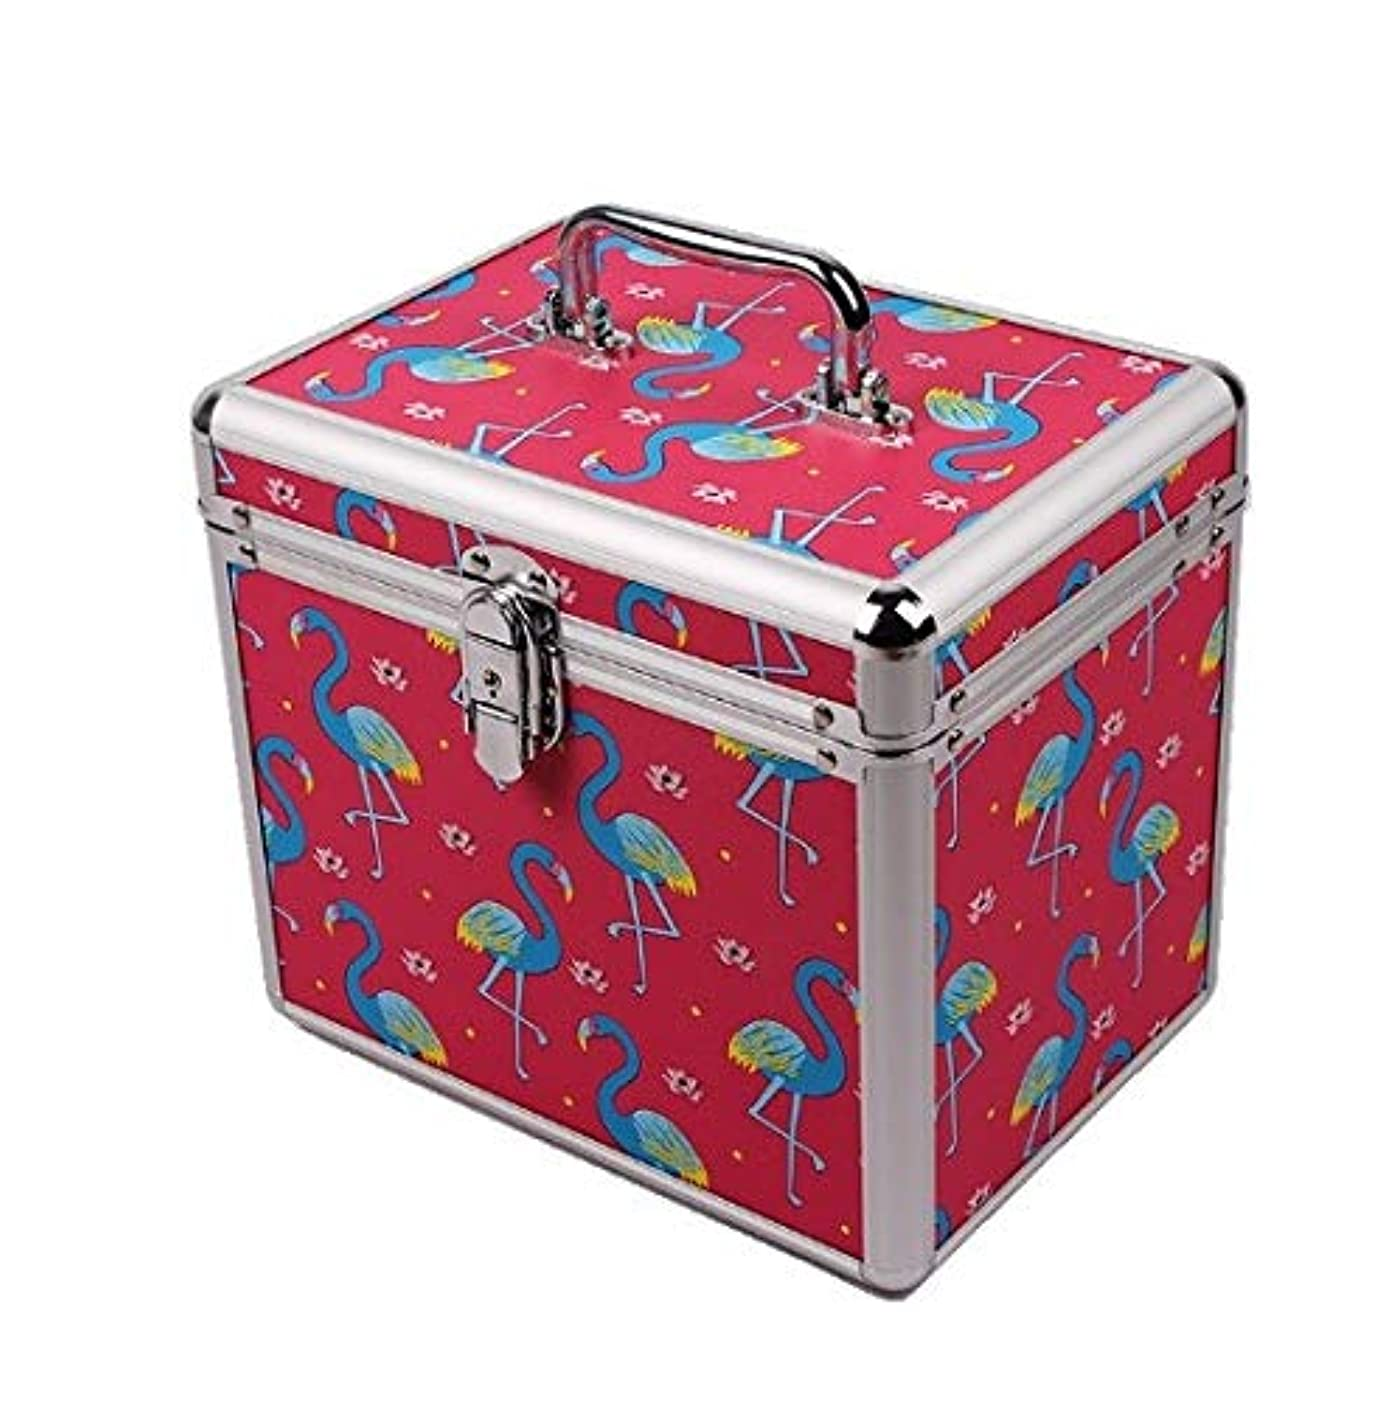 ペストリー誤解させる遠え化粧品ケース、ポータブル二重層ロックフットバス技術者ポータブルツールボックス、ポータブル旅行化粧品ケース、美容ネイルジュエリー収納ボックス (Design : 1#)